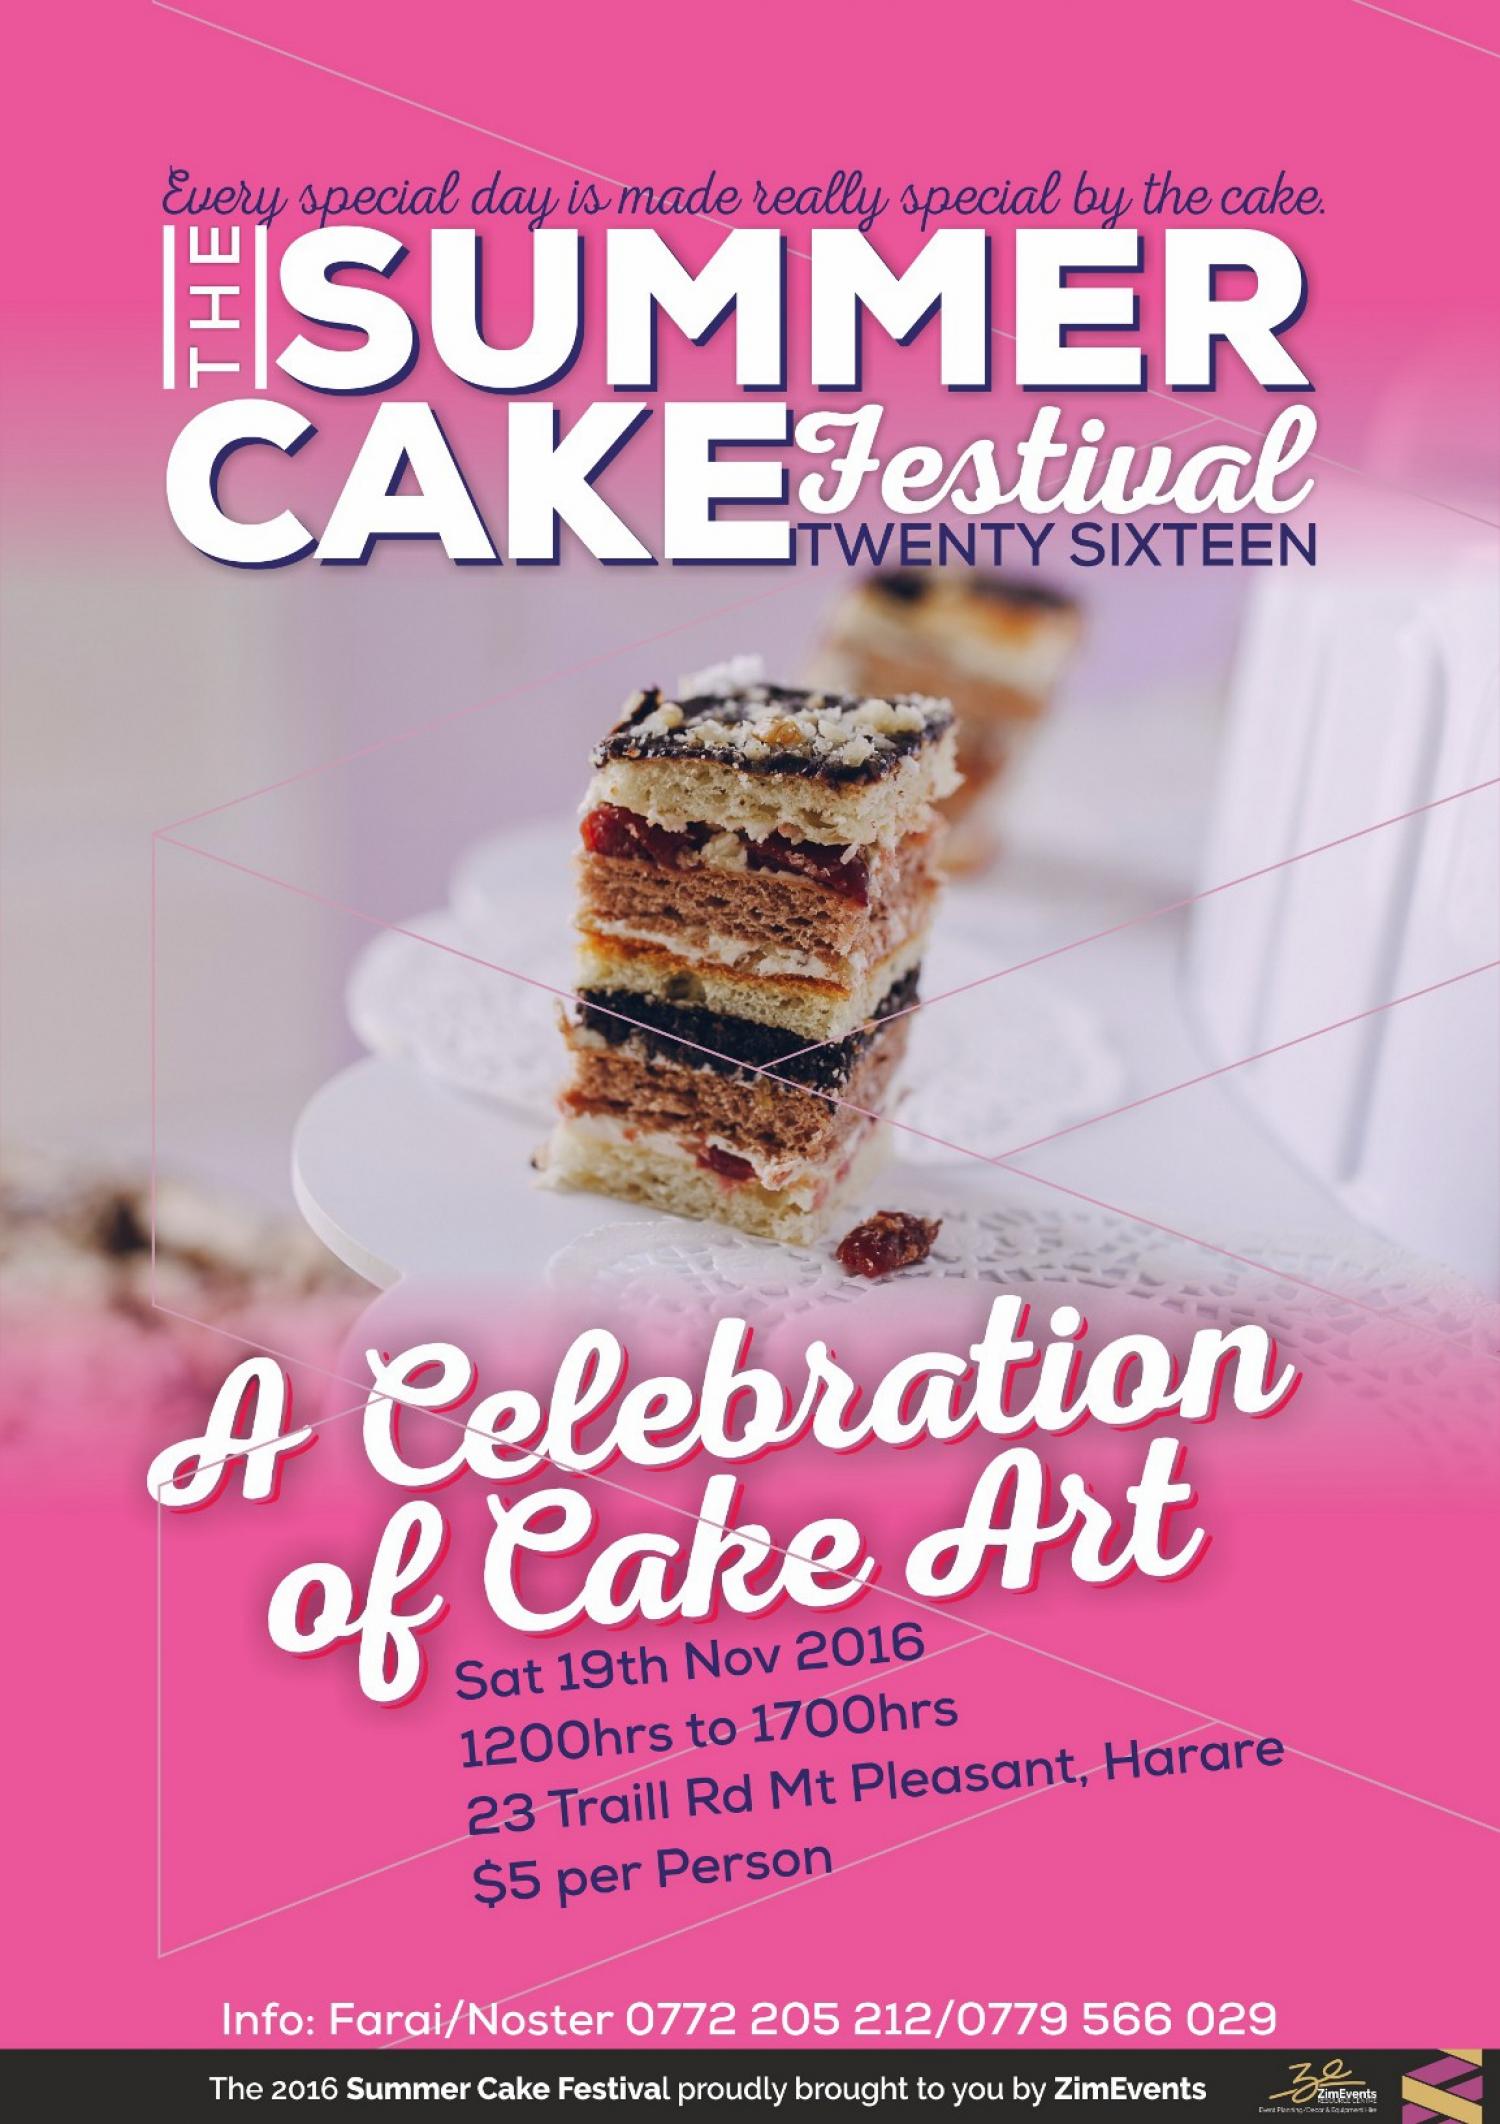 The Summer Cake Festival 2016